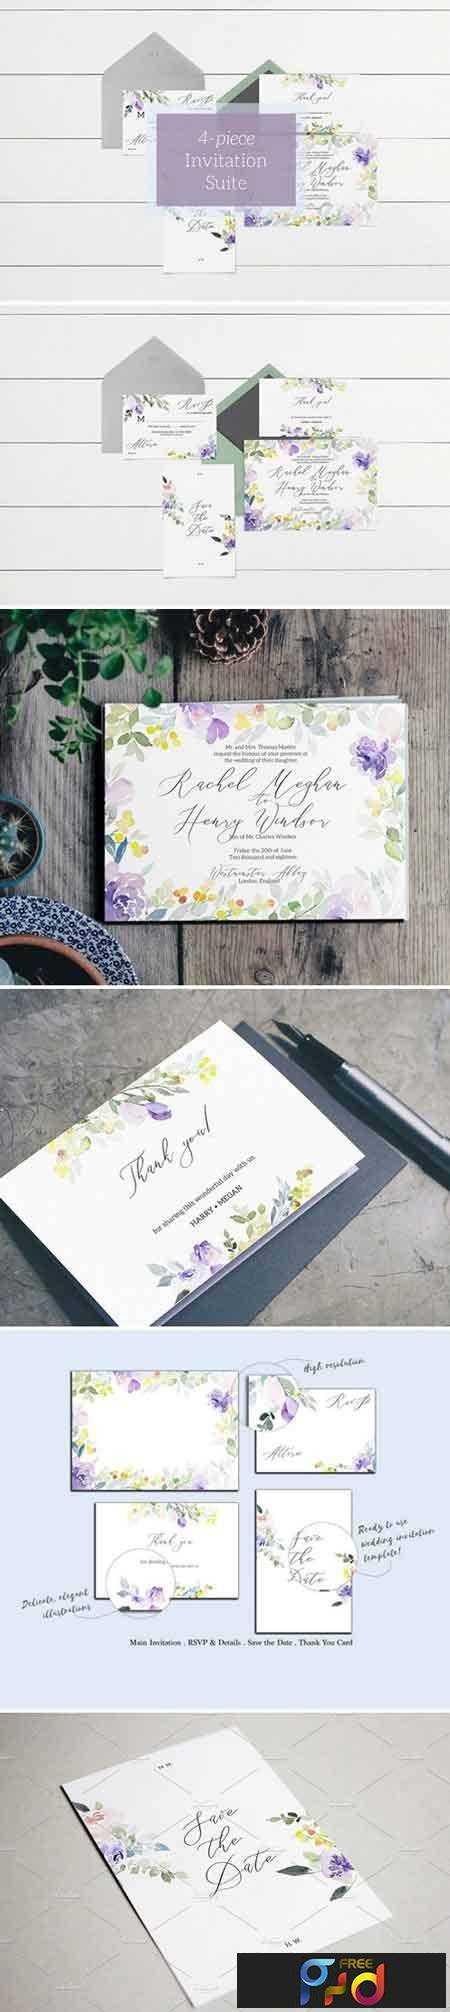 1801050 Purple & Pastel Wedding Invitation 2102924 1